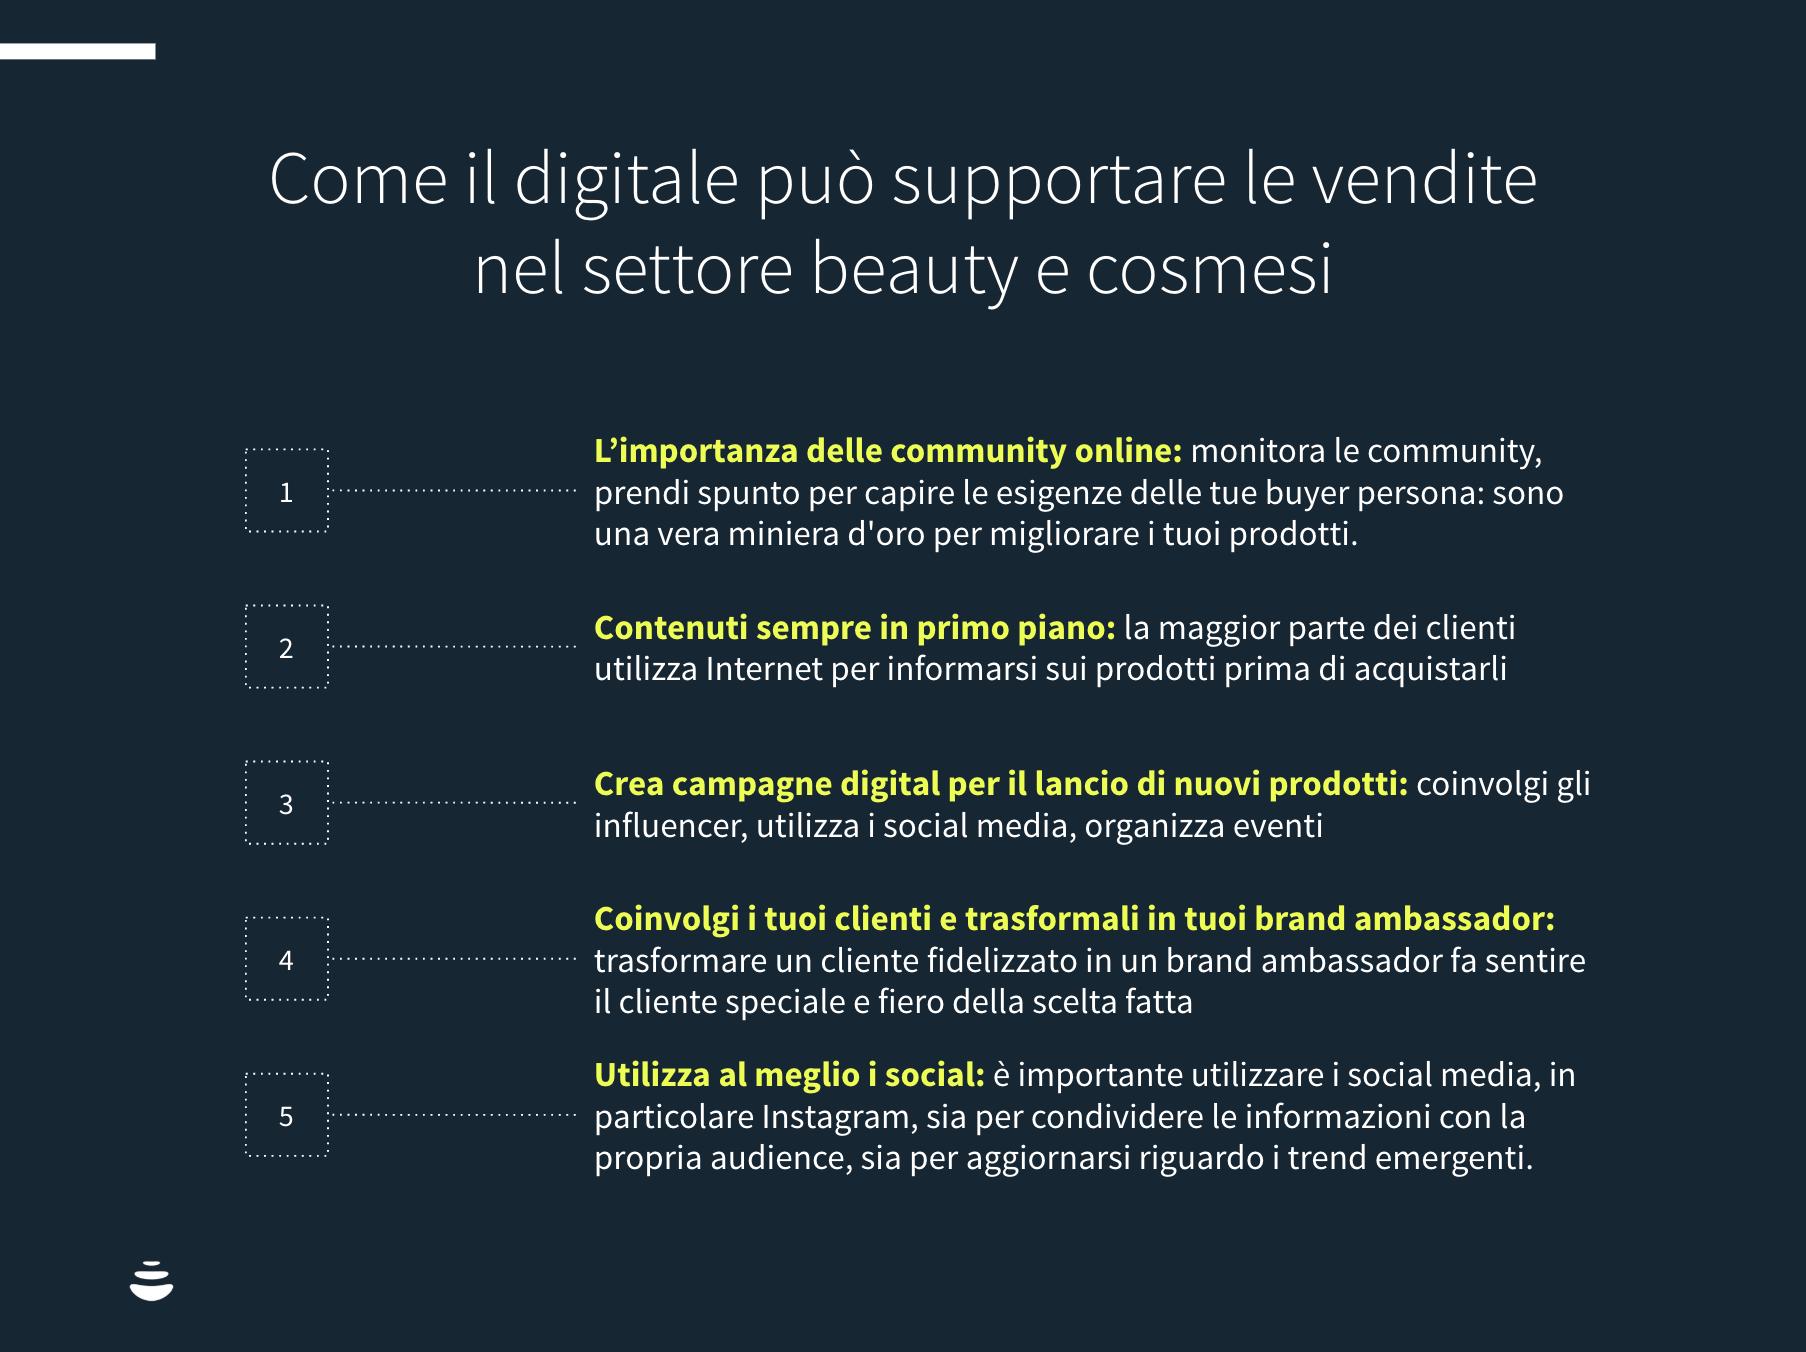 Come il digitale può supportare le vendite nel settore beauty e cosmesi_